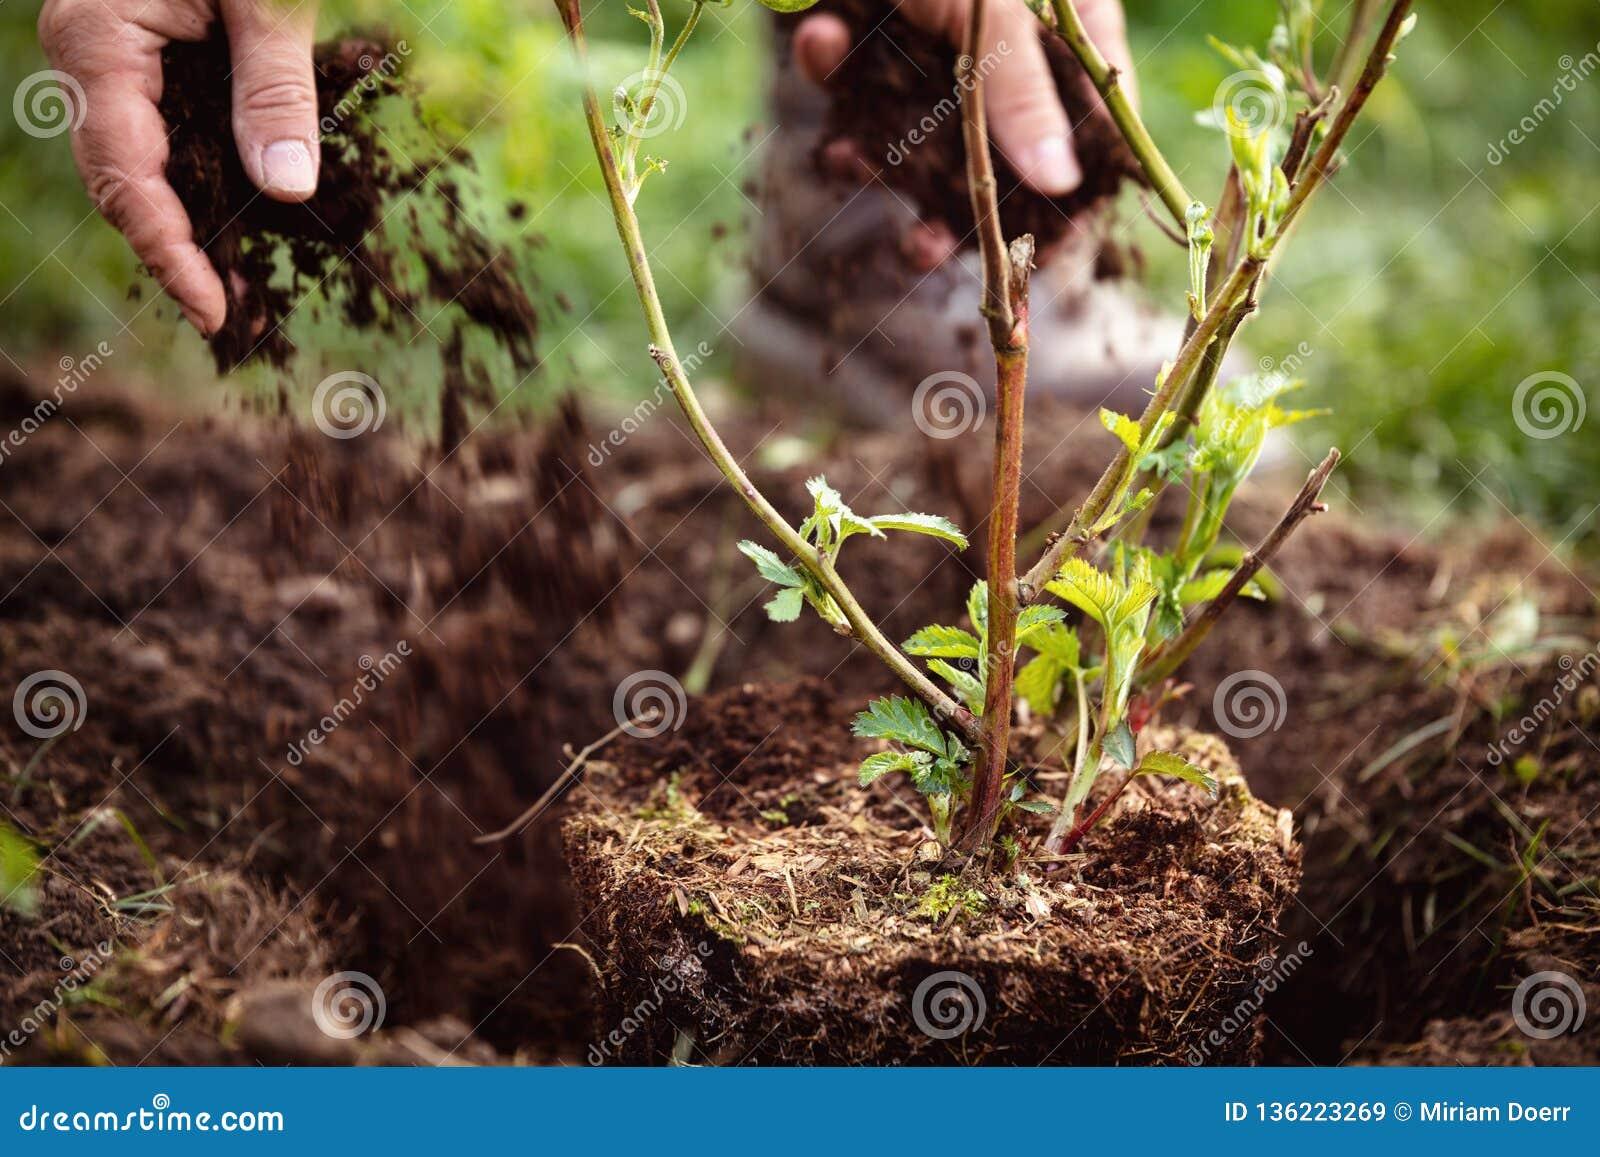 Jardinero que cubre con pajote una zarzamora, cultivar un huerto y un cuidado de establecimiento del jardín de plantas